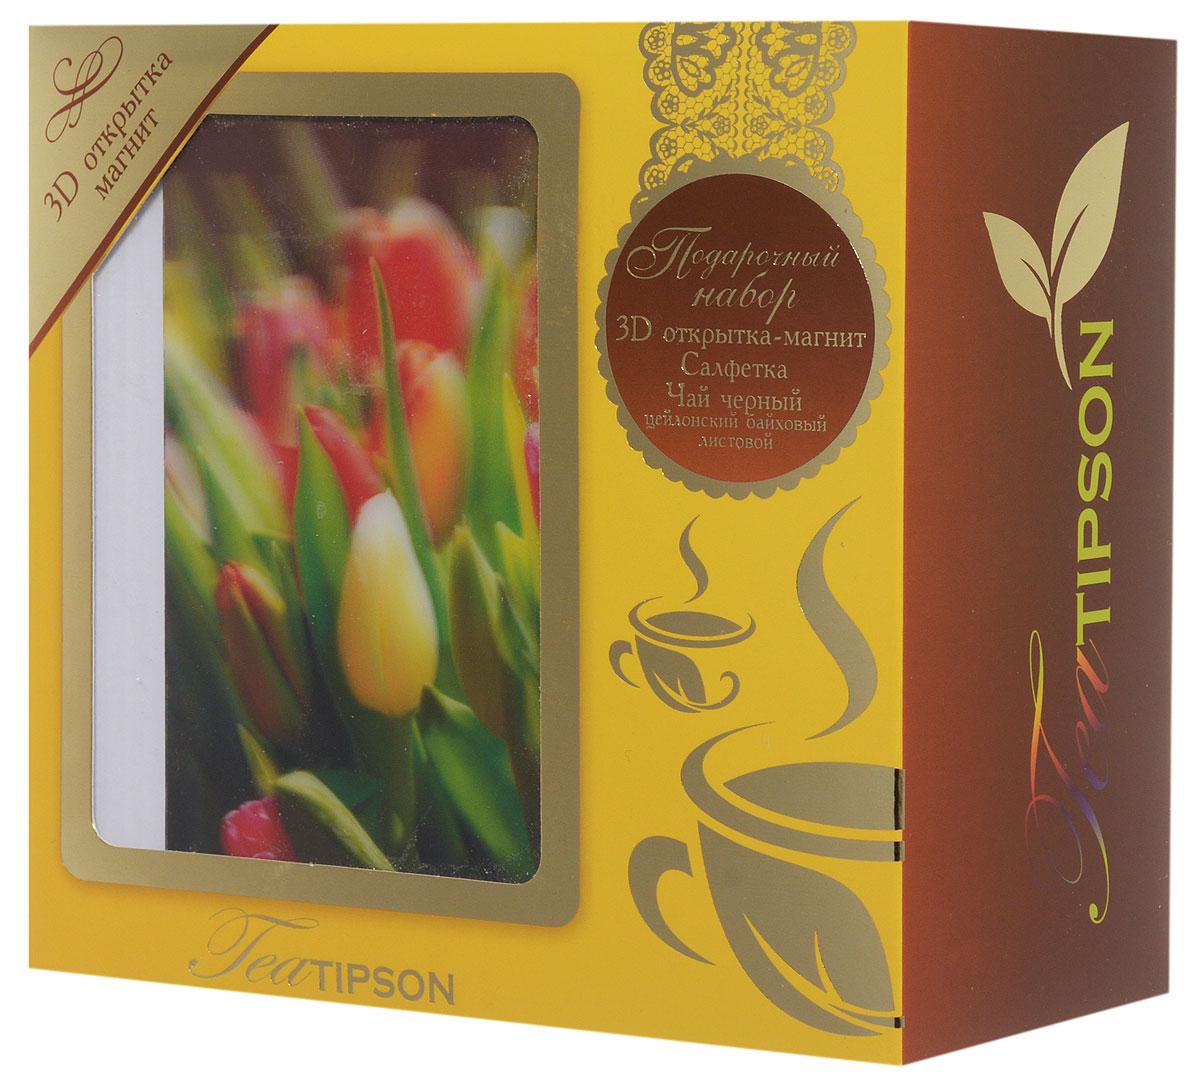 Tipson Подарочный набор Желтый черный чай Ceylon №1 с 3D открыткой-магнитом и салфеткой для дома, 85 г10052-00Ищите подарок любимой хозяюшке? Подарите отличный набор Tipson Желтый в красочной упаковке из дизайнерского картона и ярким принтом. В комплект с упаковкой традиционного чая Tipson Ceylon №1 входит нужная в каждом доме яркая салфетка из 100% хлопка, а также яркая, переливающаяся 3D-открытка, которую можно повесить на холодильник и которая будет напоминать о вас круглый год. Размер открытки: 120 x 155 мм Размер салфетки: 300 x 300 мм